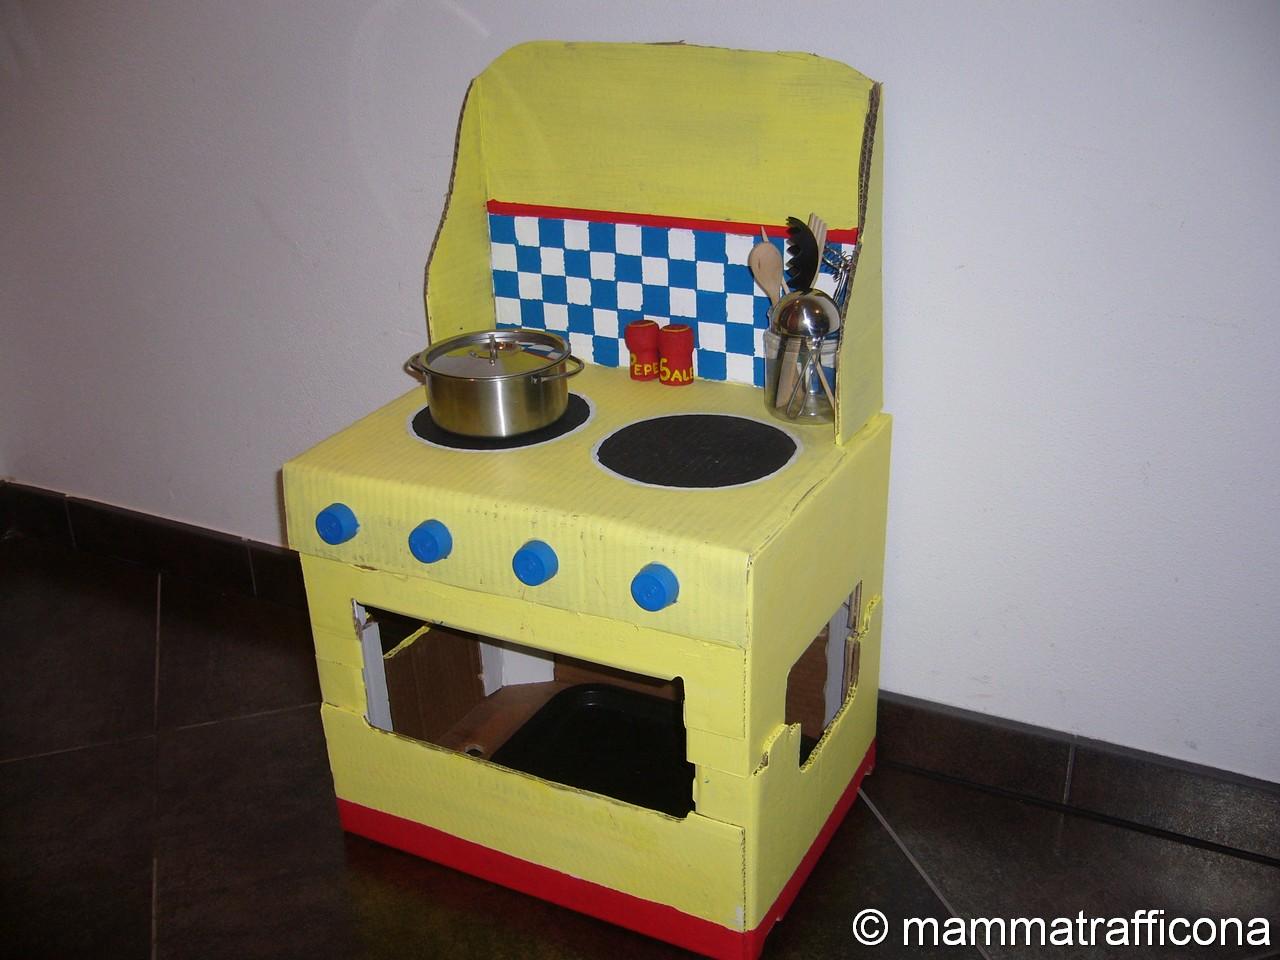 Mammatrafficona giochi fai da te la cucina di cartone - Creare una cucina ...